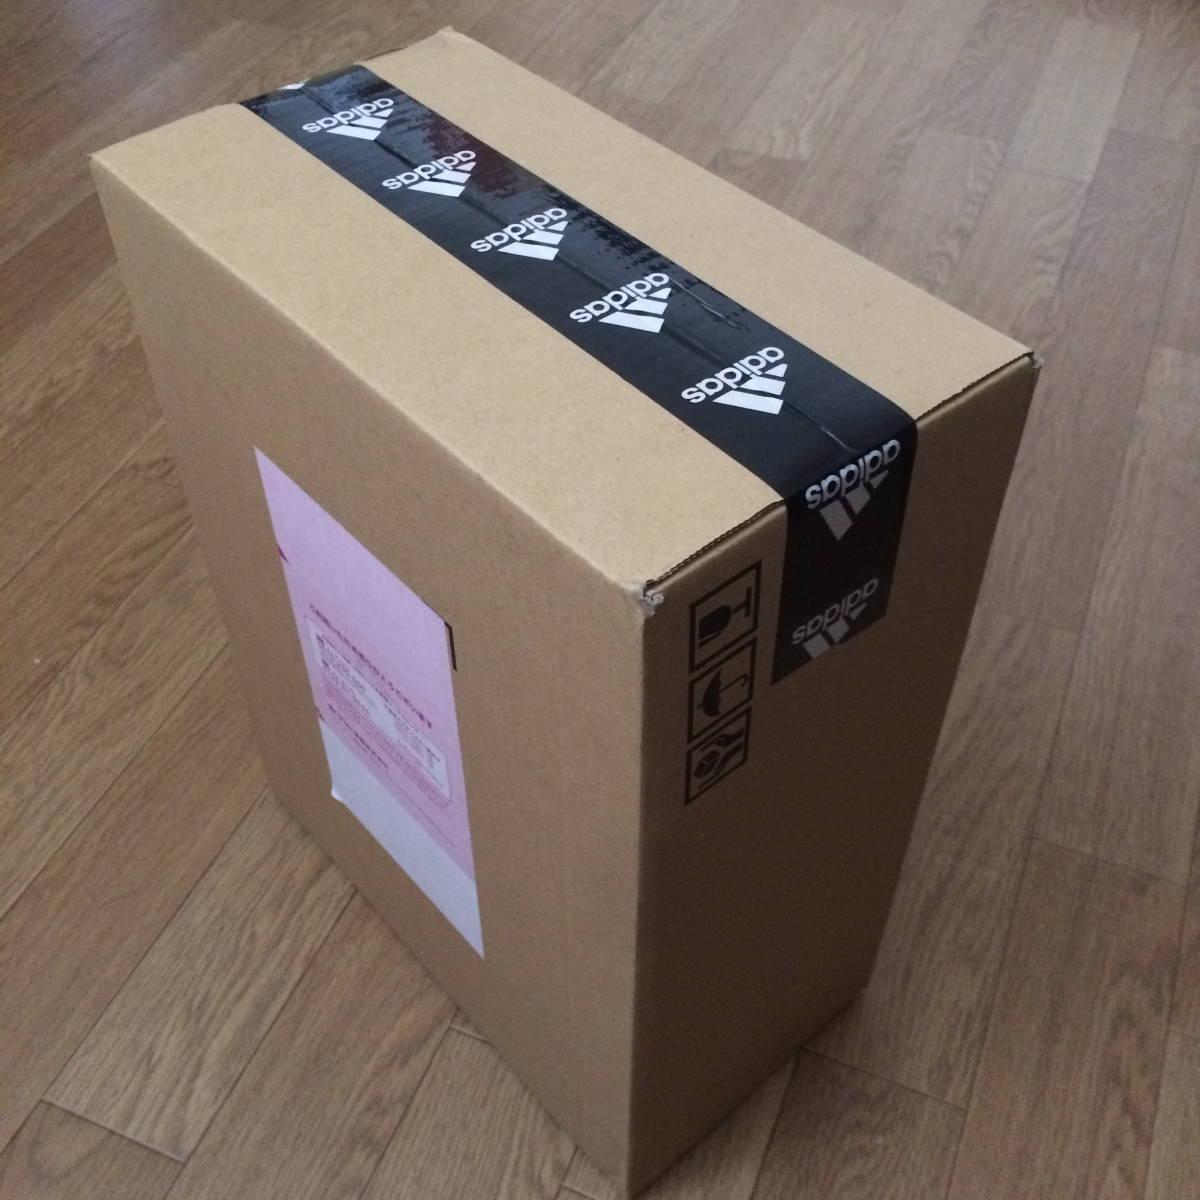 新品【国内正規 27.5cm】adidas adizero Japan 3 WIDE アディダス アディゼロ ジャパン 3 ワイド CM8363 ランニング【即決 即発送】_画像9